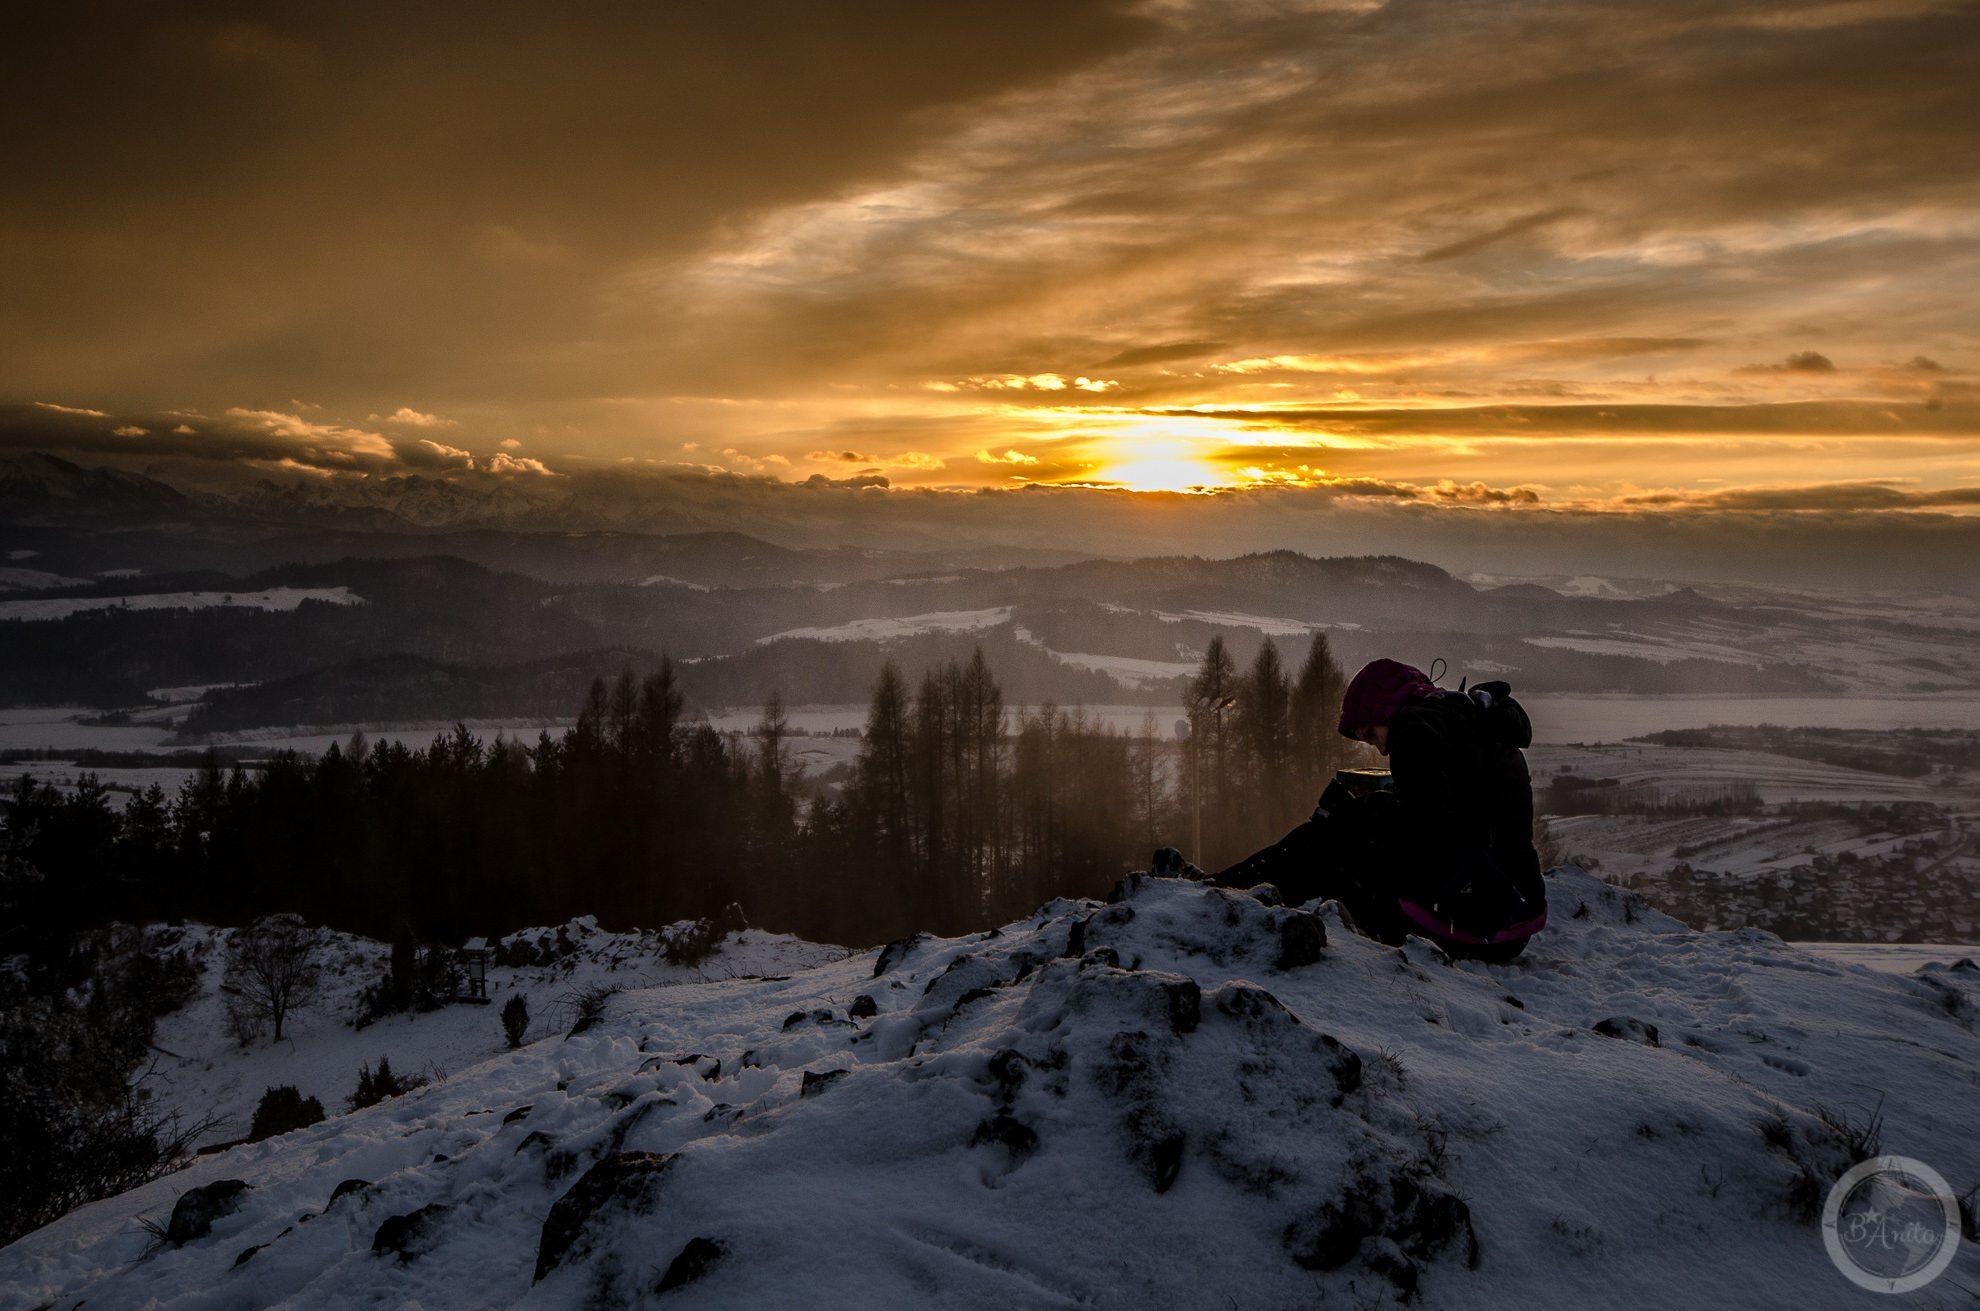 Turysta siedzący naośnierzonym pagórku. Zachód słońca widziany zGóry Wdżar (766, 767 m), szczytu wpaśmie łączącym Lubań zPieninami, pomiędzy przełęczami Drzyślawa iSnozka.